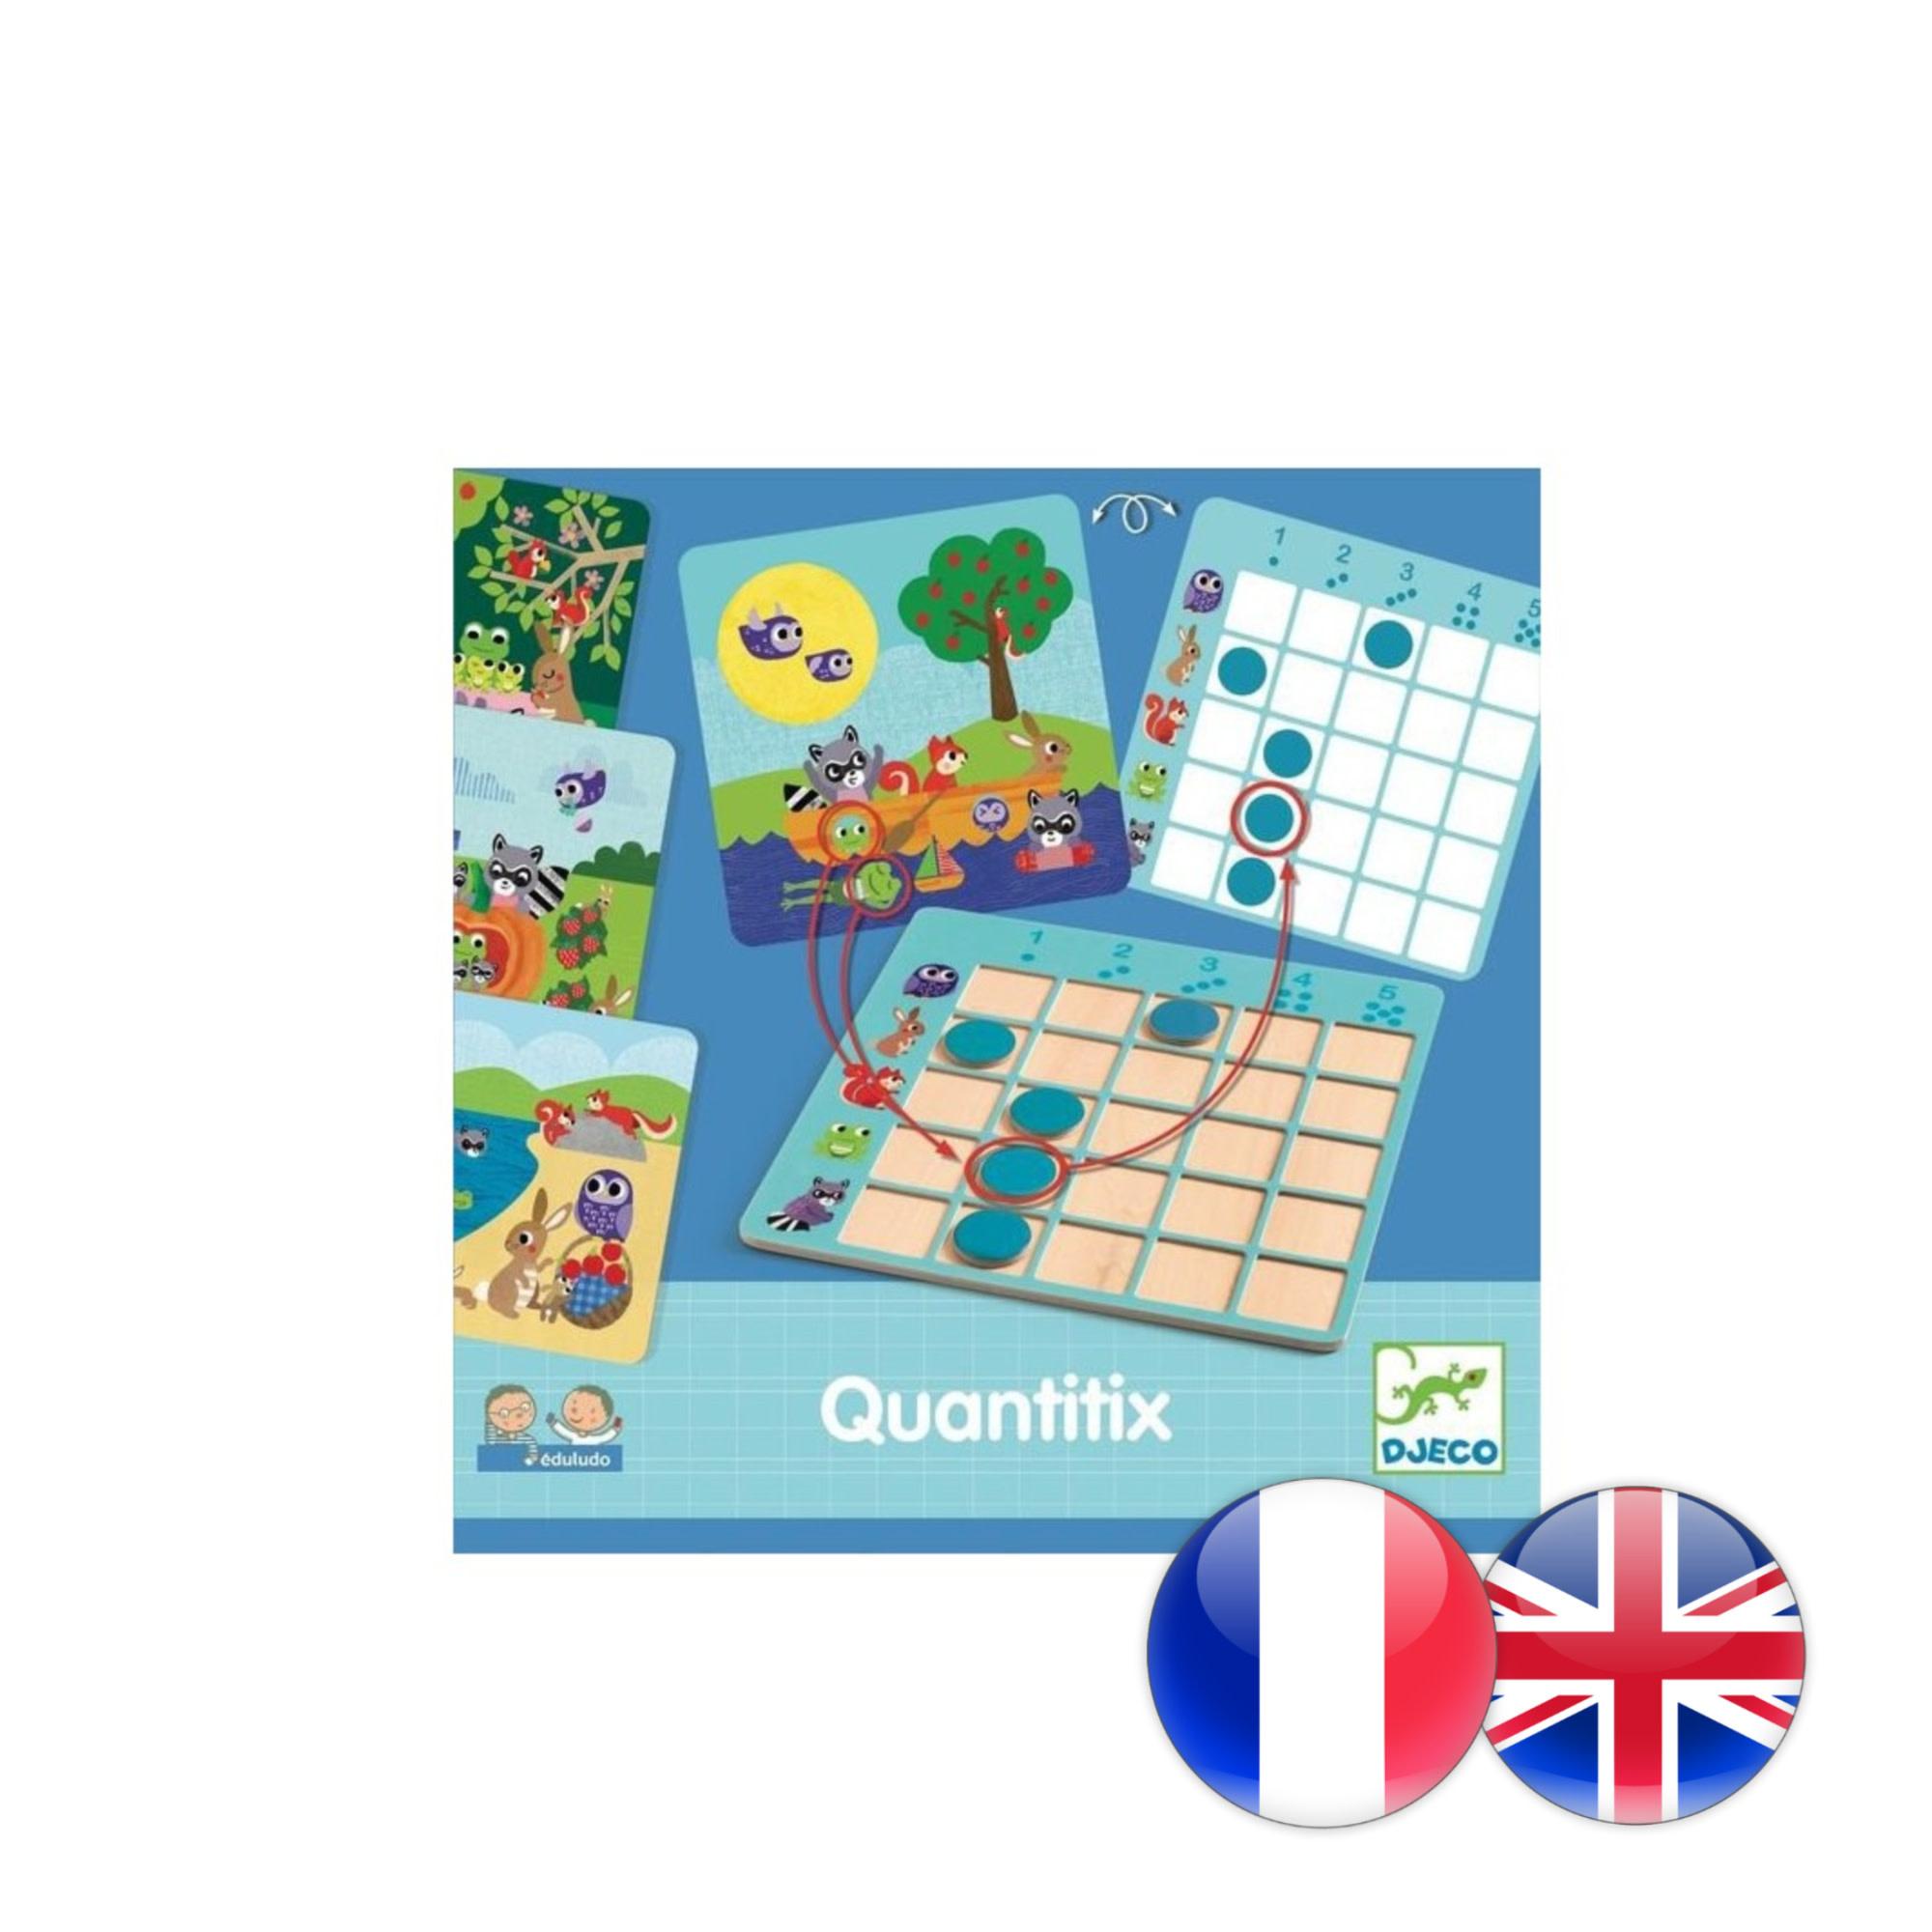 Djeco Eduludo / Quantitix